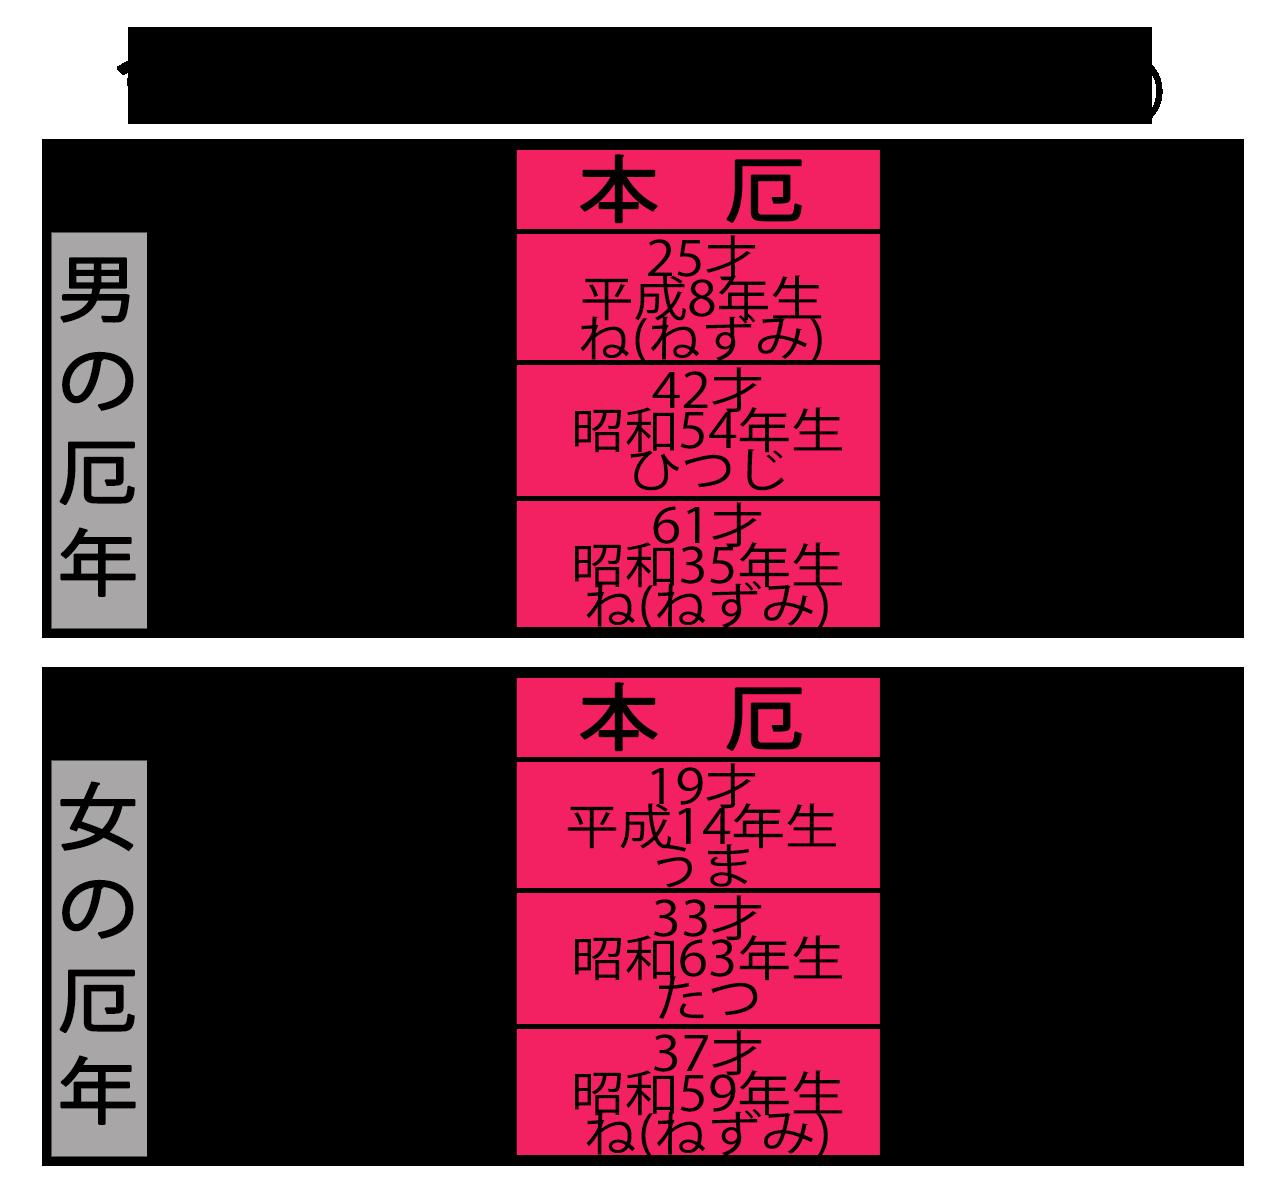 yakudoshi_2017